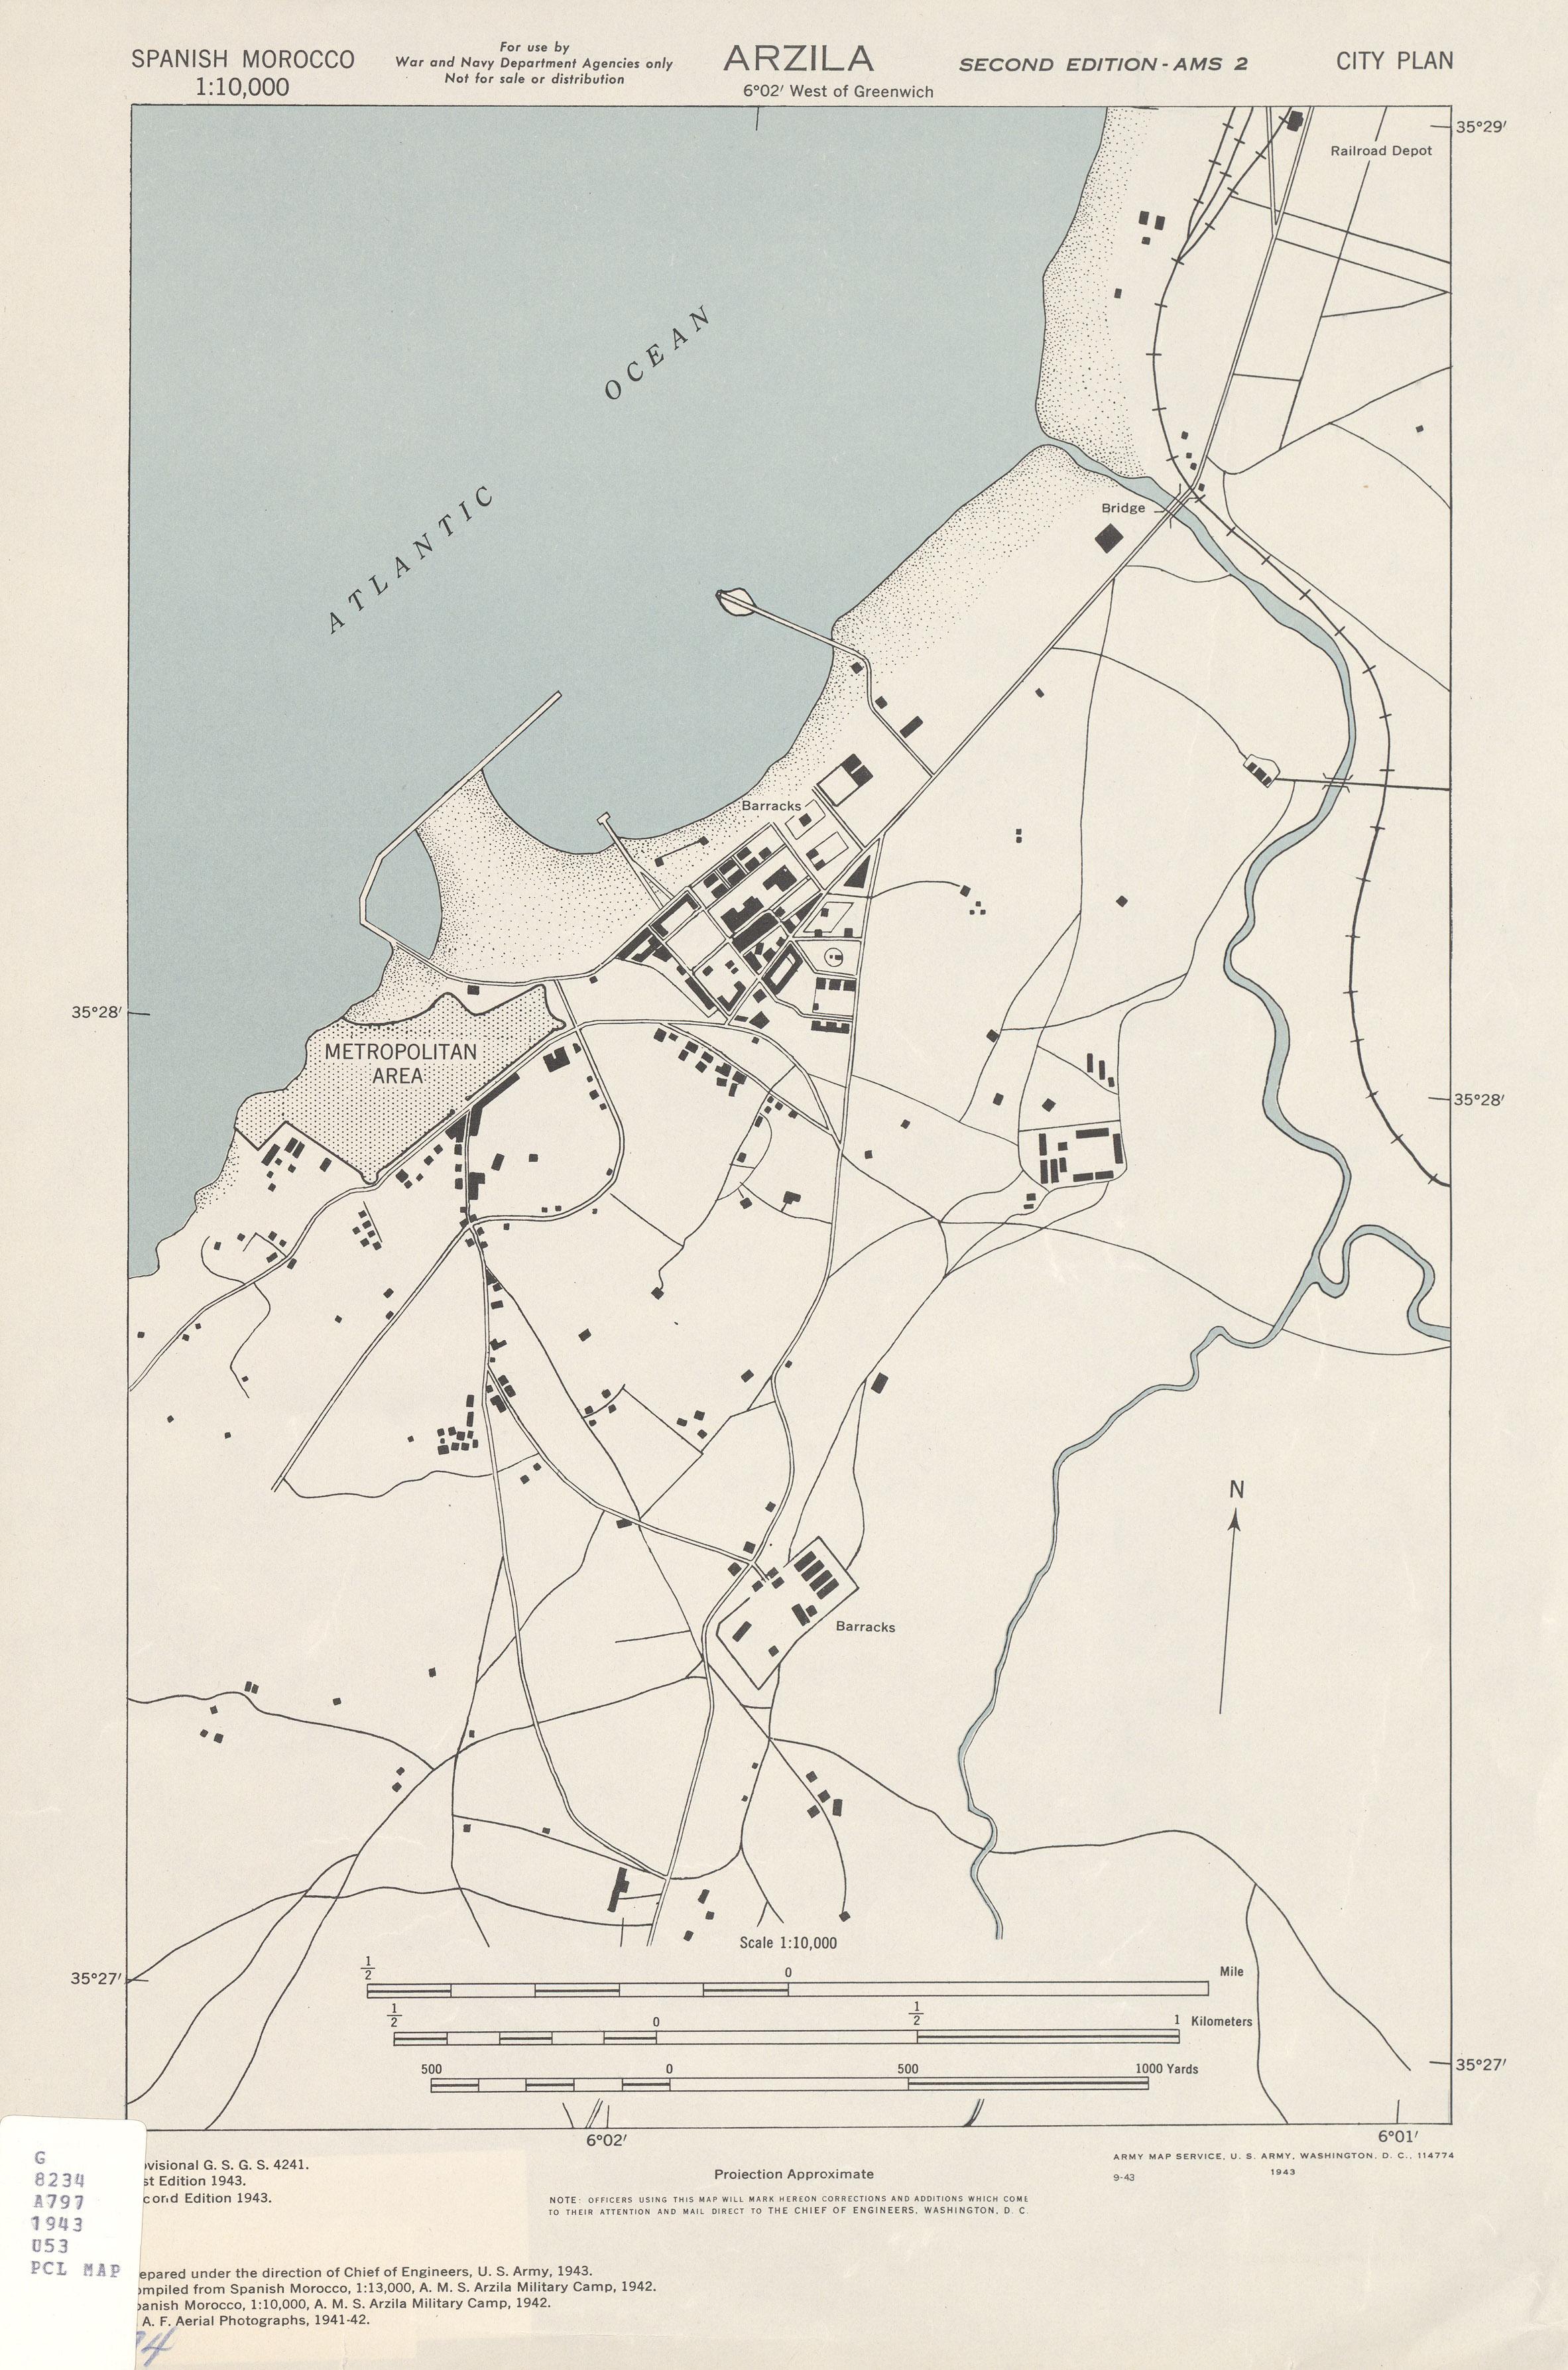 Mapa de la Ciudad de Arcila, Marruecos 1943